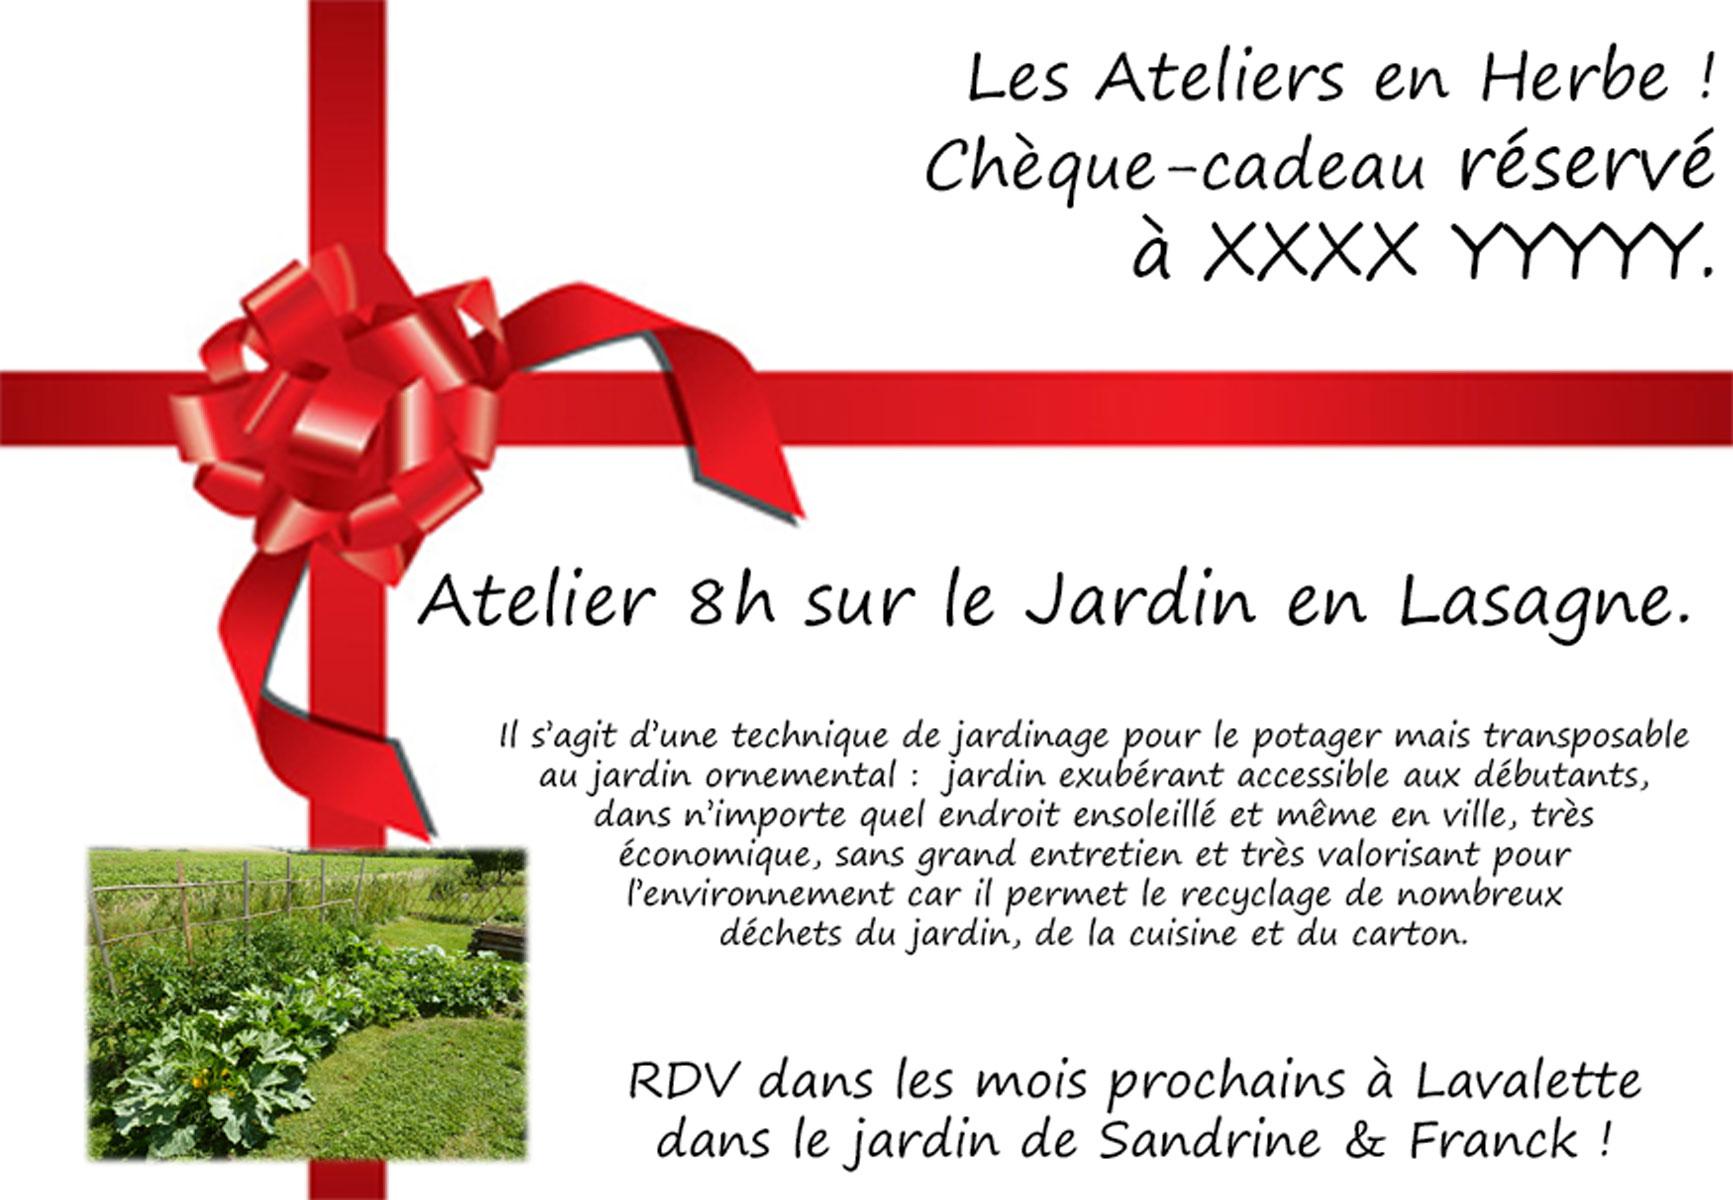 Carte cadeau Noël 2018 - Les Ateliers en Herbe.